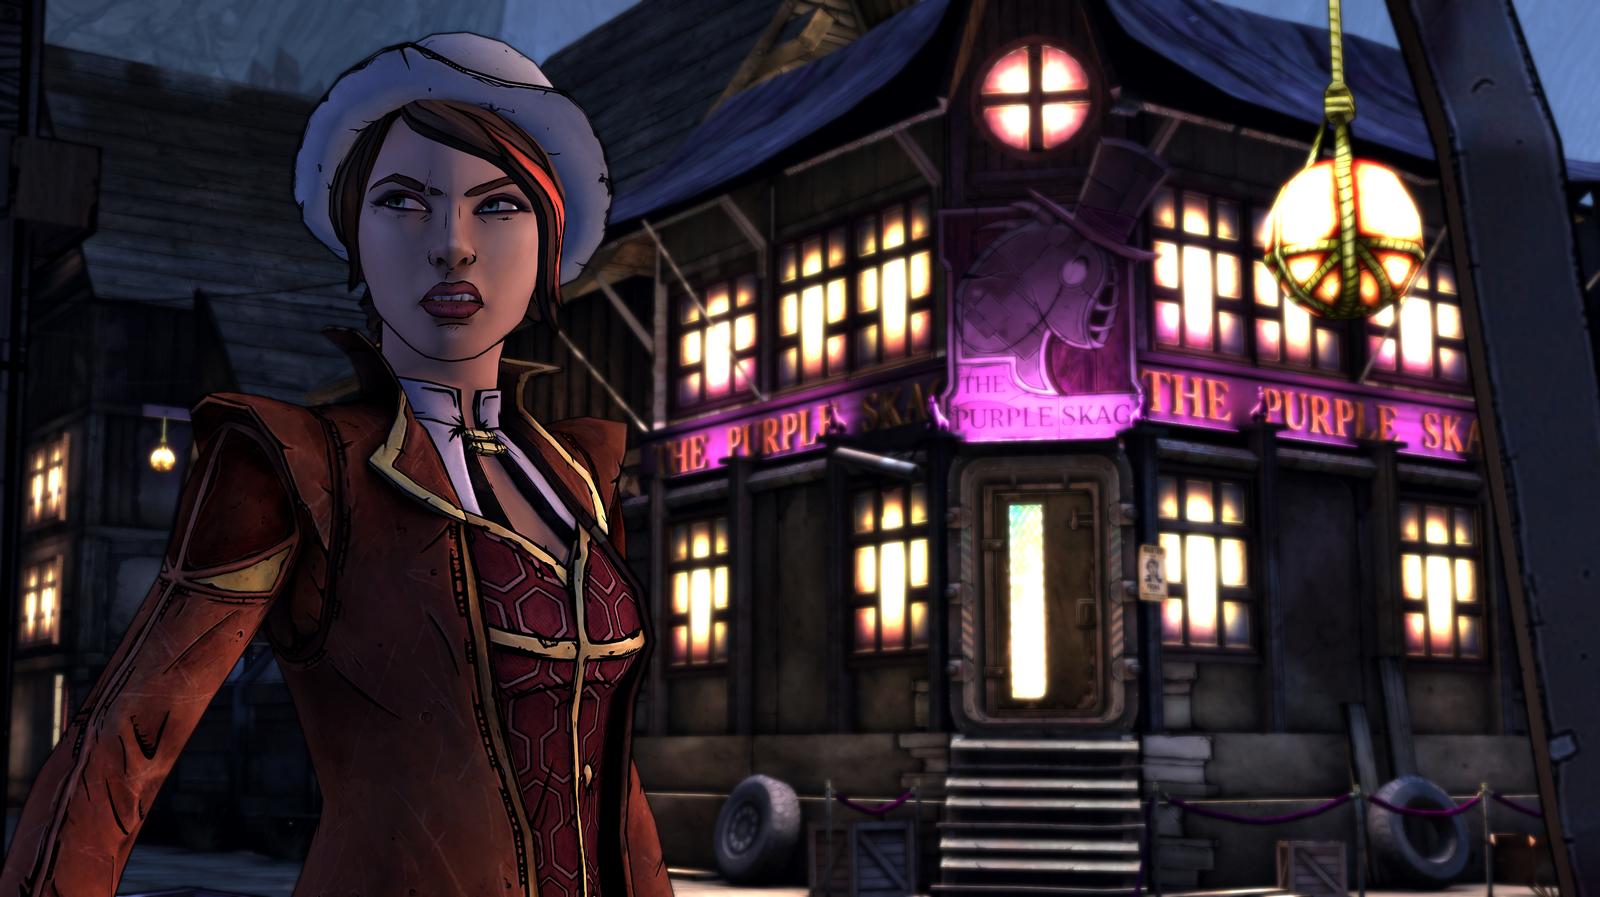 Telltale Games ist ein Entwicklerstudio für Computerspiele aus dem USamerikanischen San Rafael